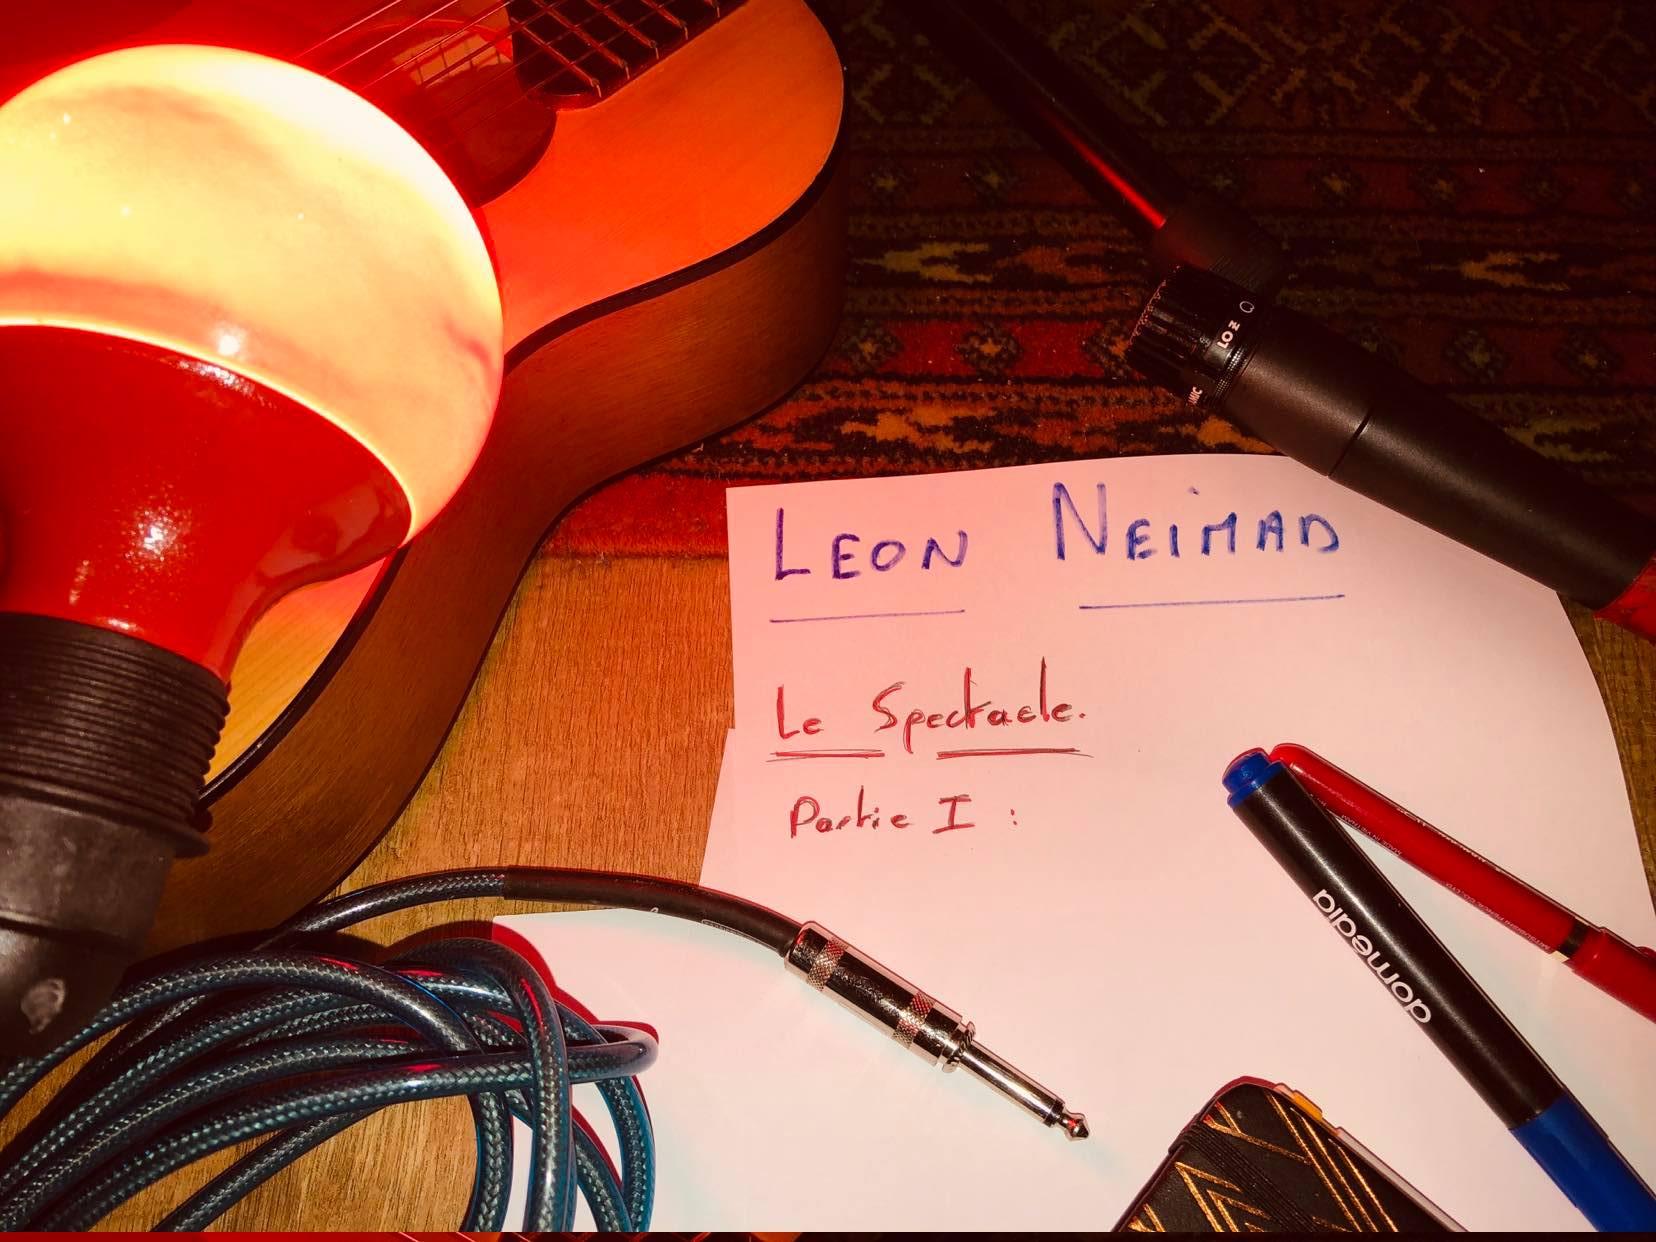 LEON NEIMAD : écriture du spectacle